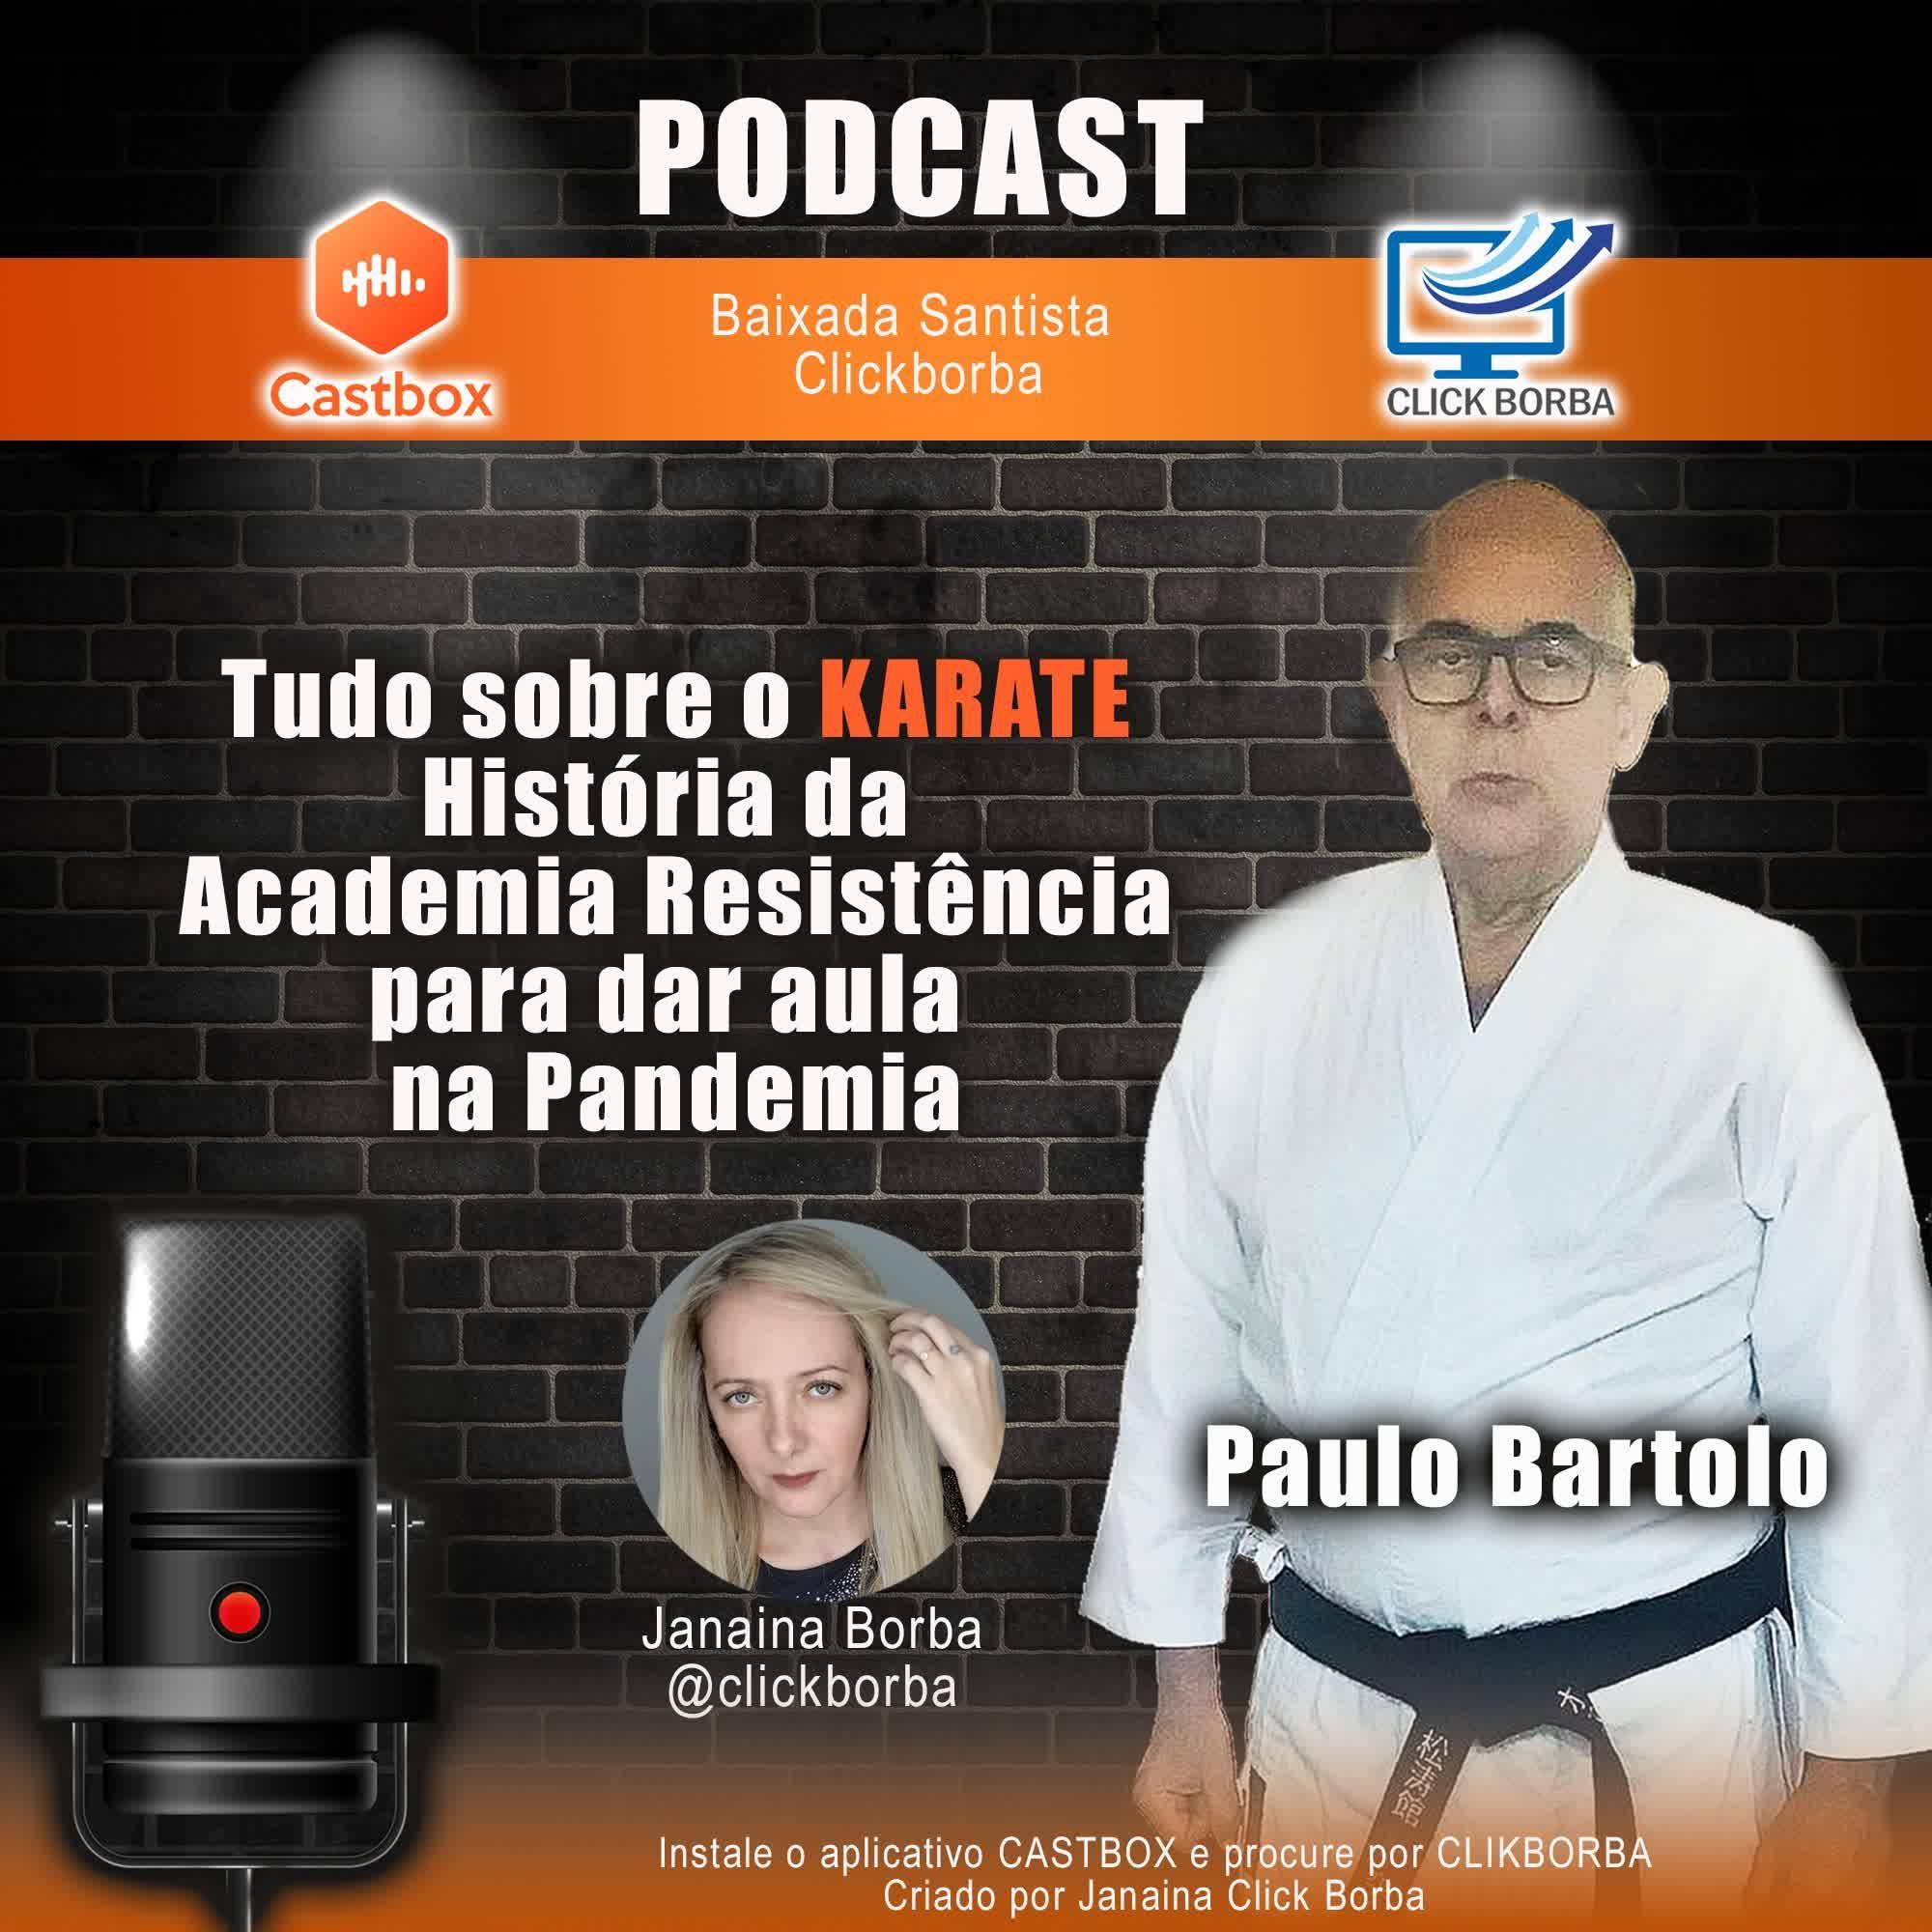 Tudo sobre karate - História da Academia Resistência para dar aula na Pandemia - Paulo Bartolo